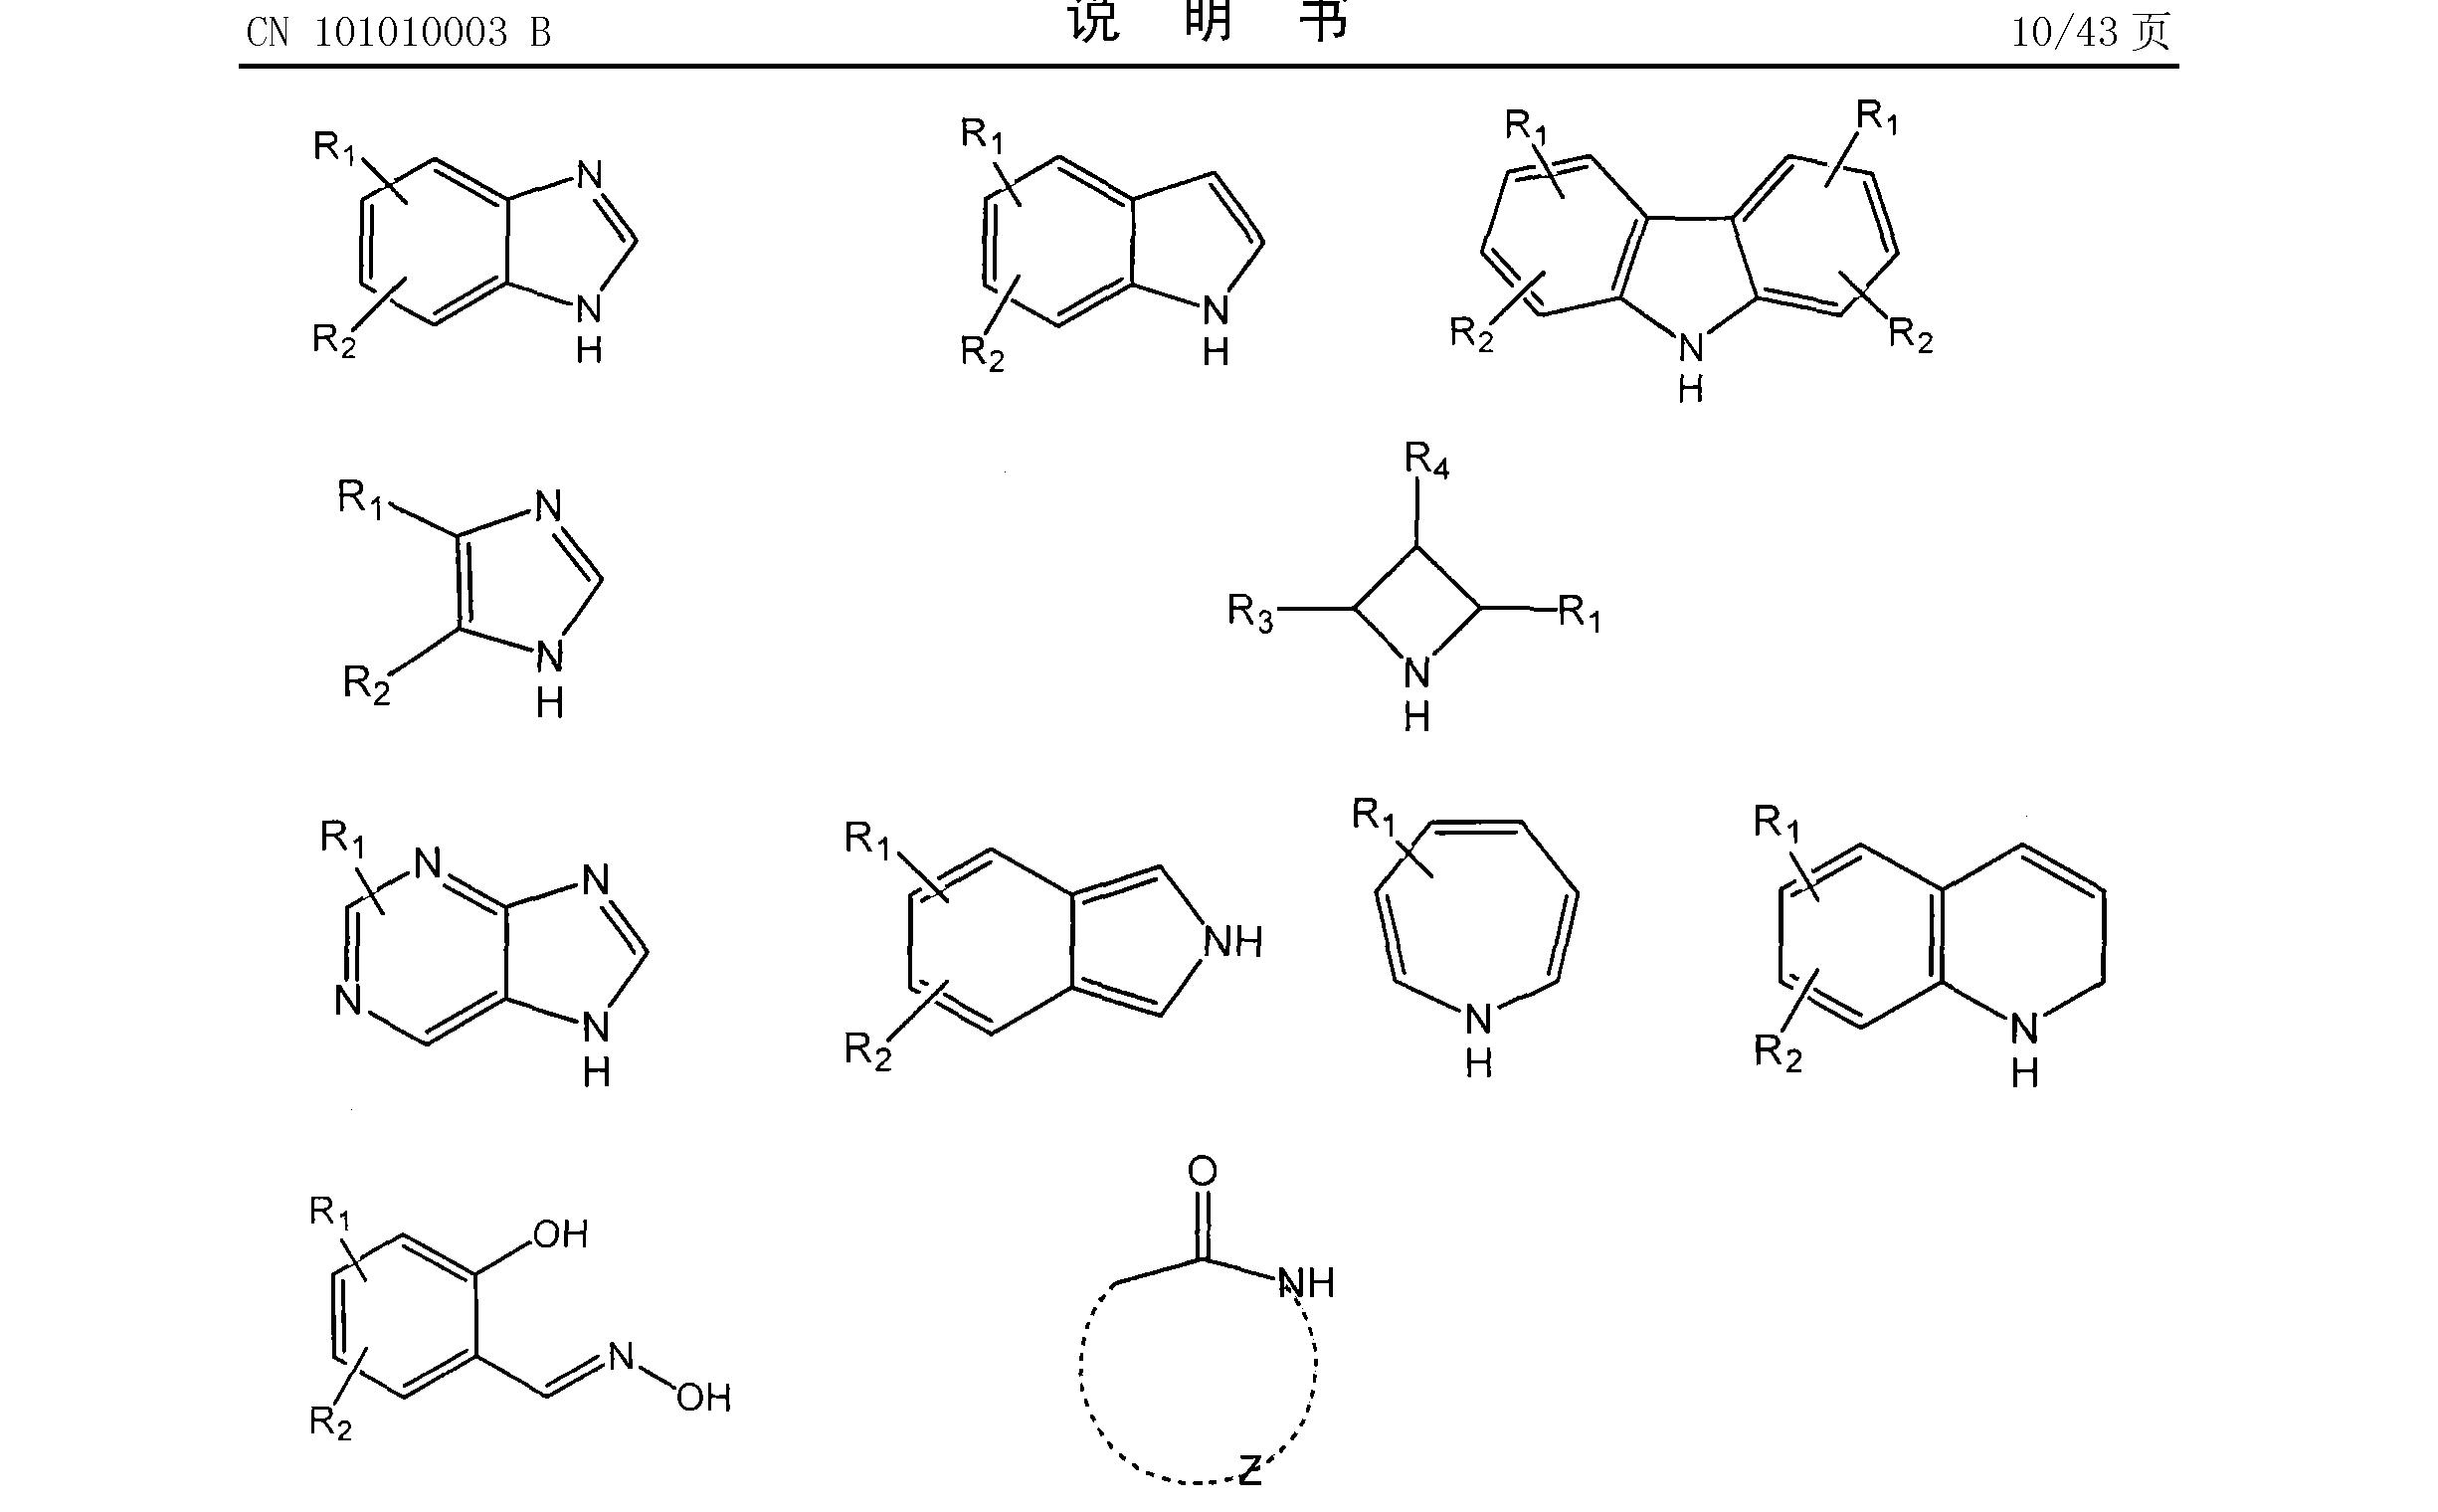 Figure CN101010003BD00131